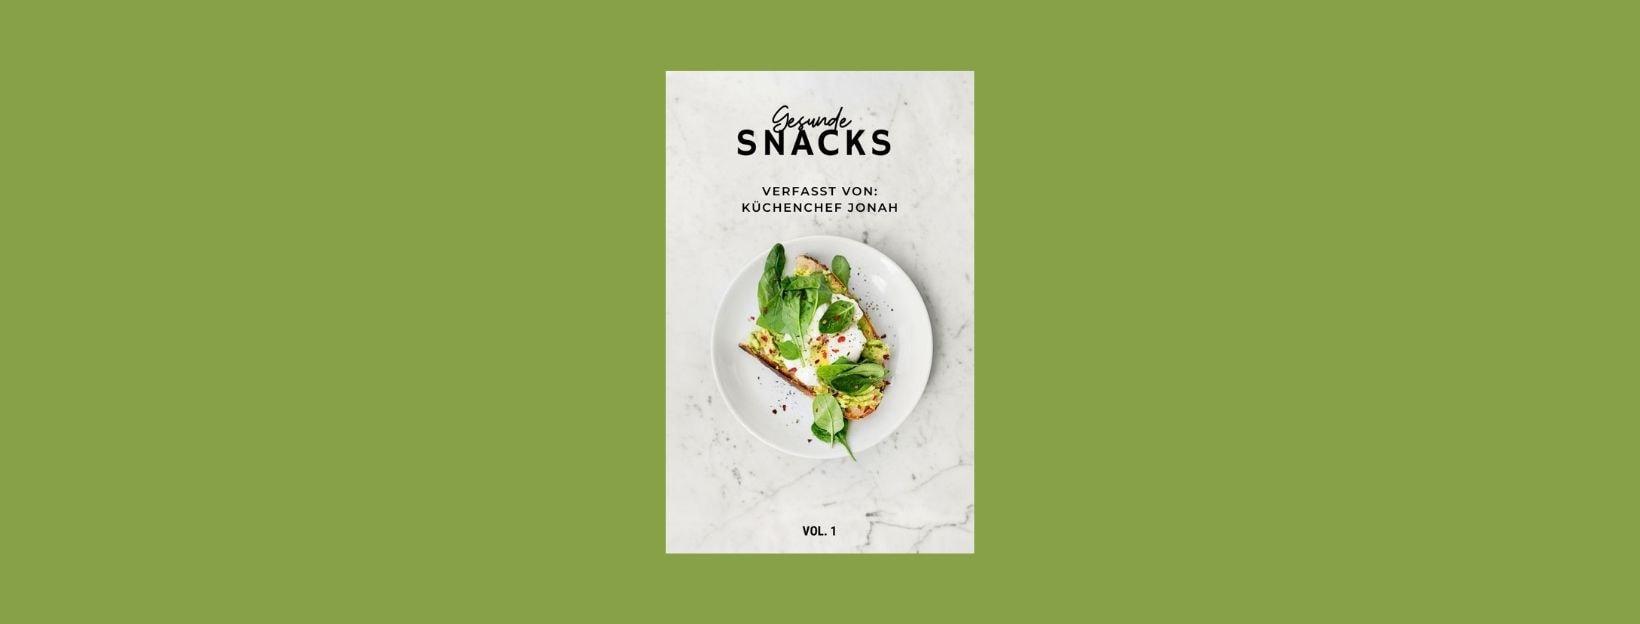 eBook Vorlage zum Thema Essen